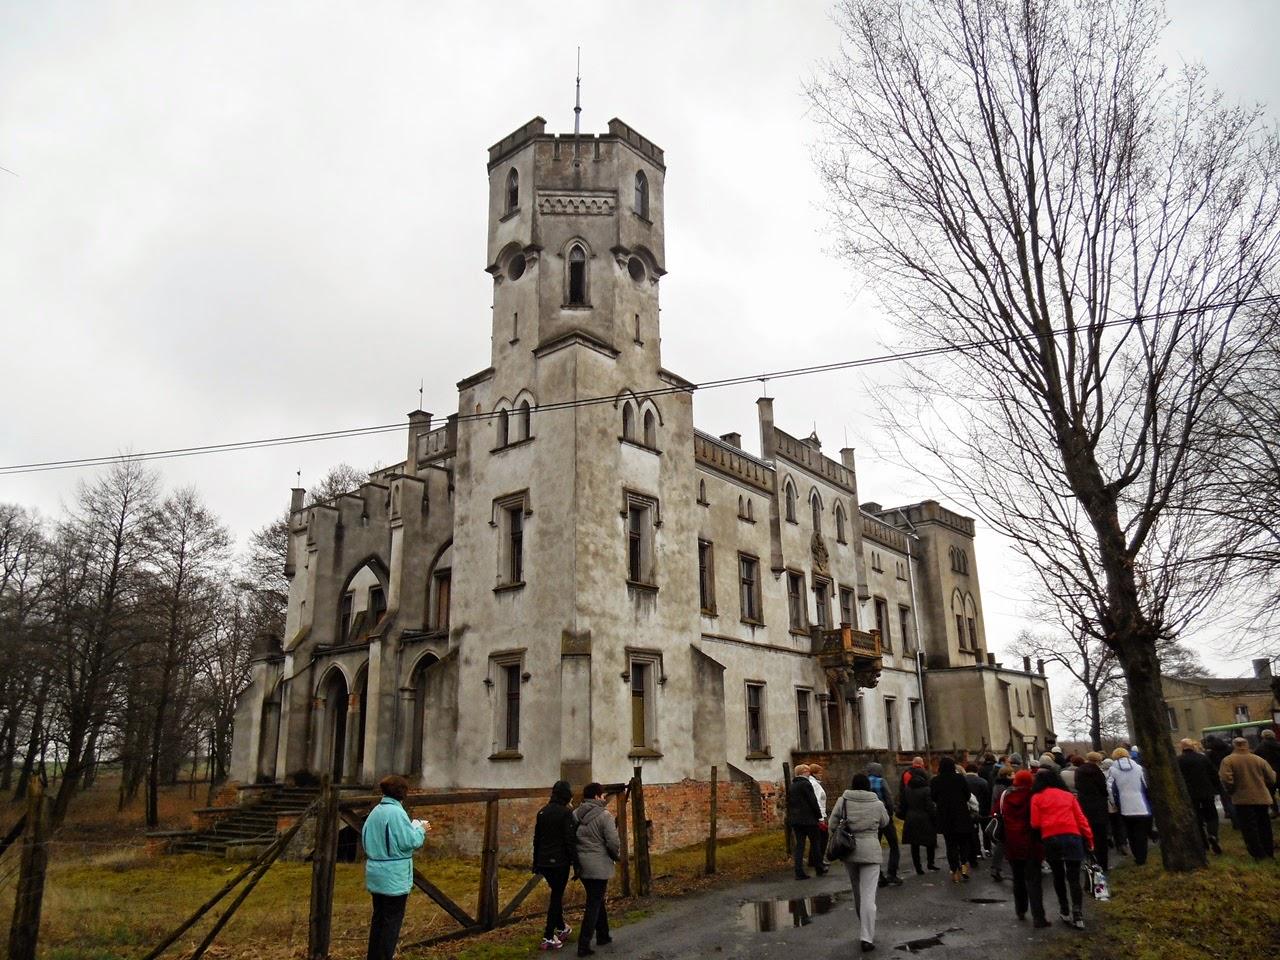 ruina, zabytek, zwiedzanie, budowla